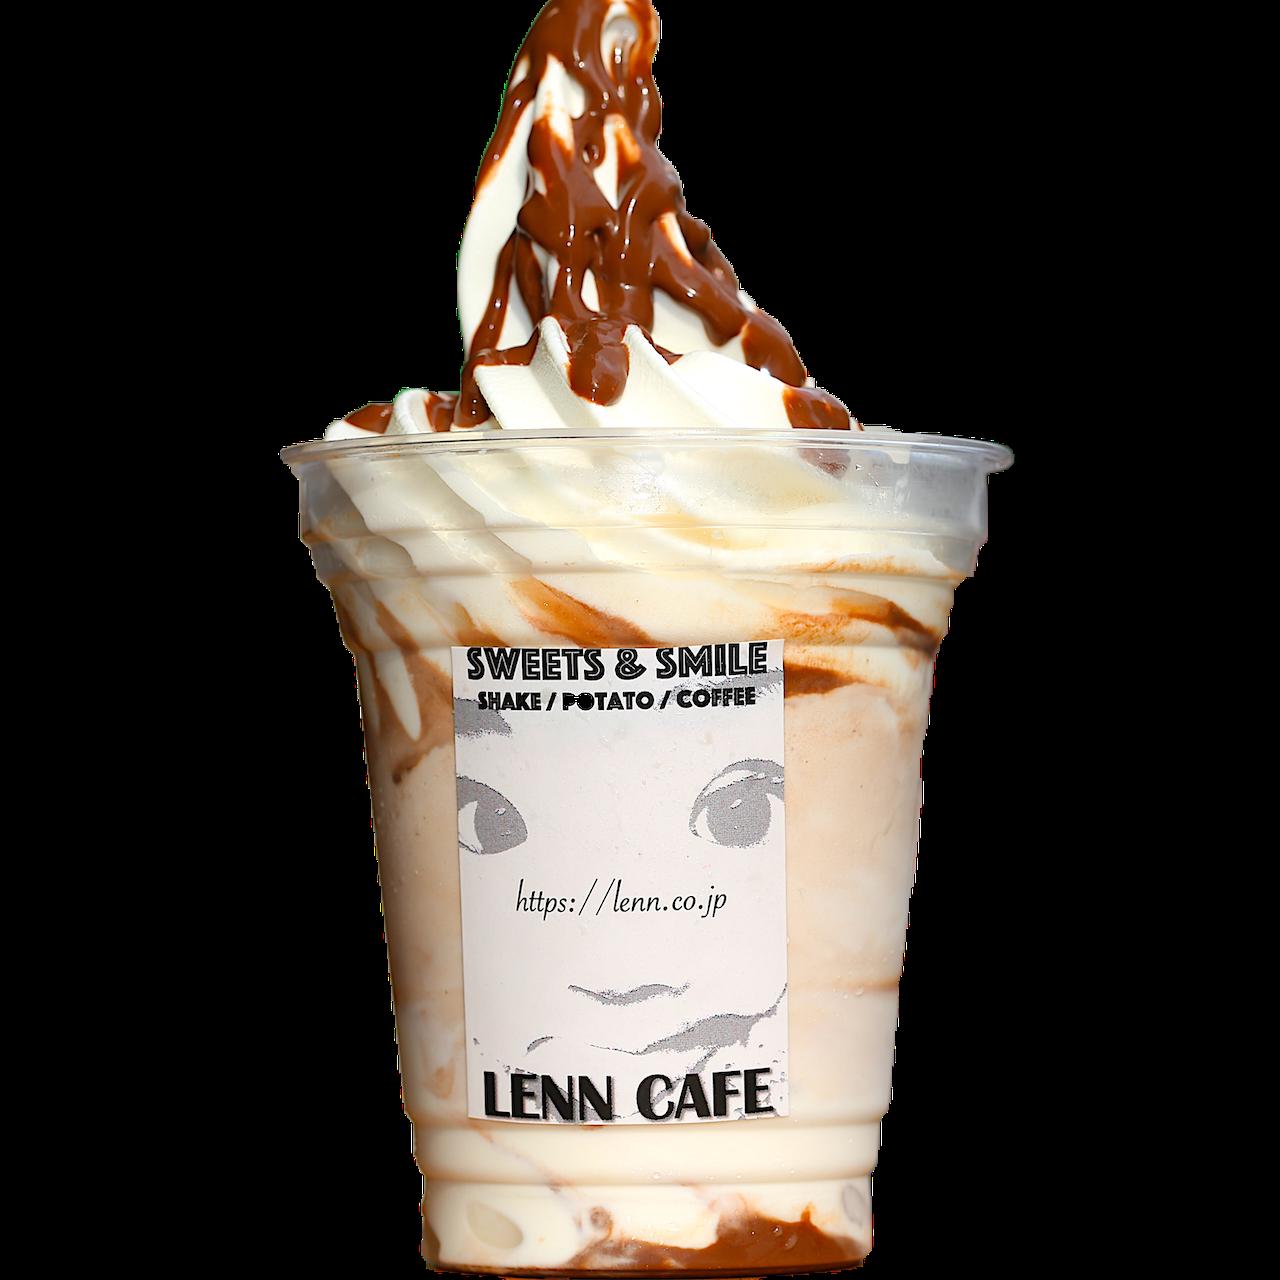 生チョコレートシェイク(Chocolate Shake)レンカフェ(LENN CAFE)